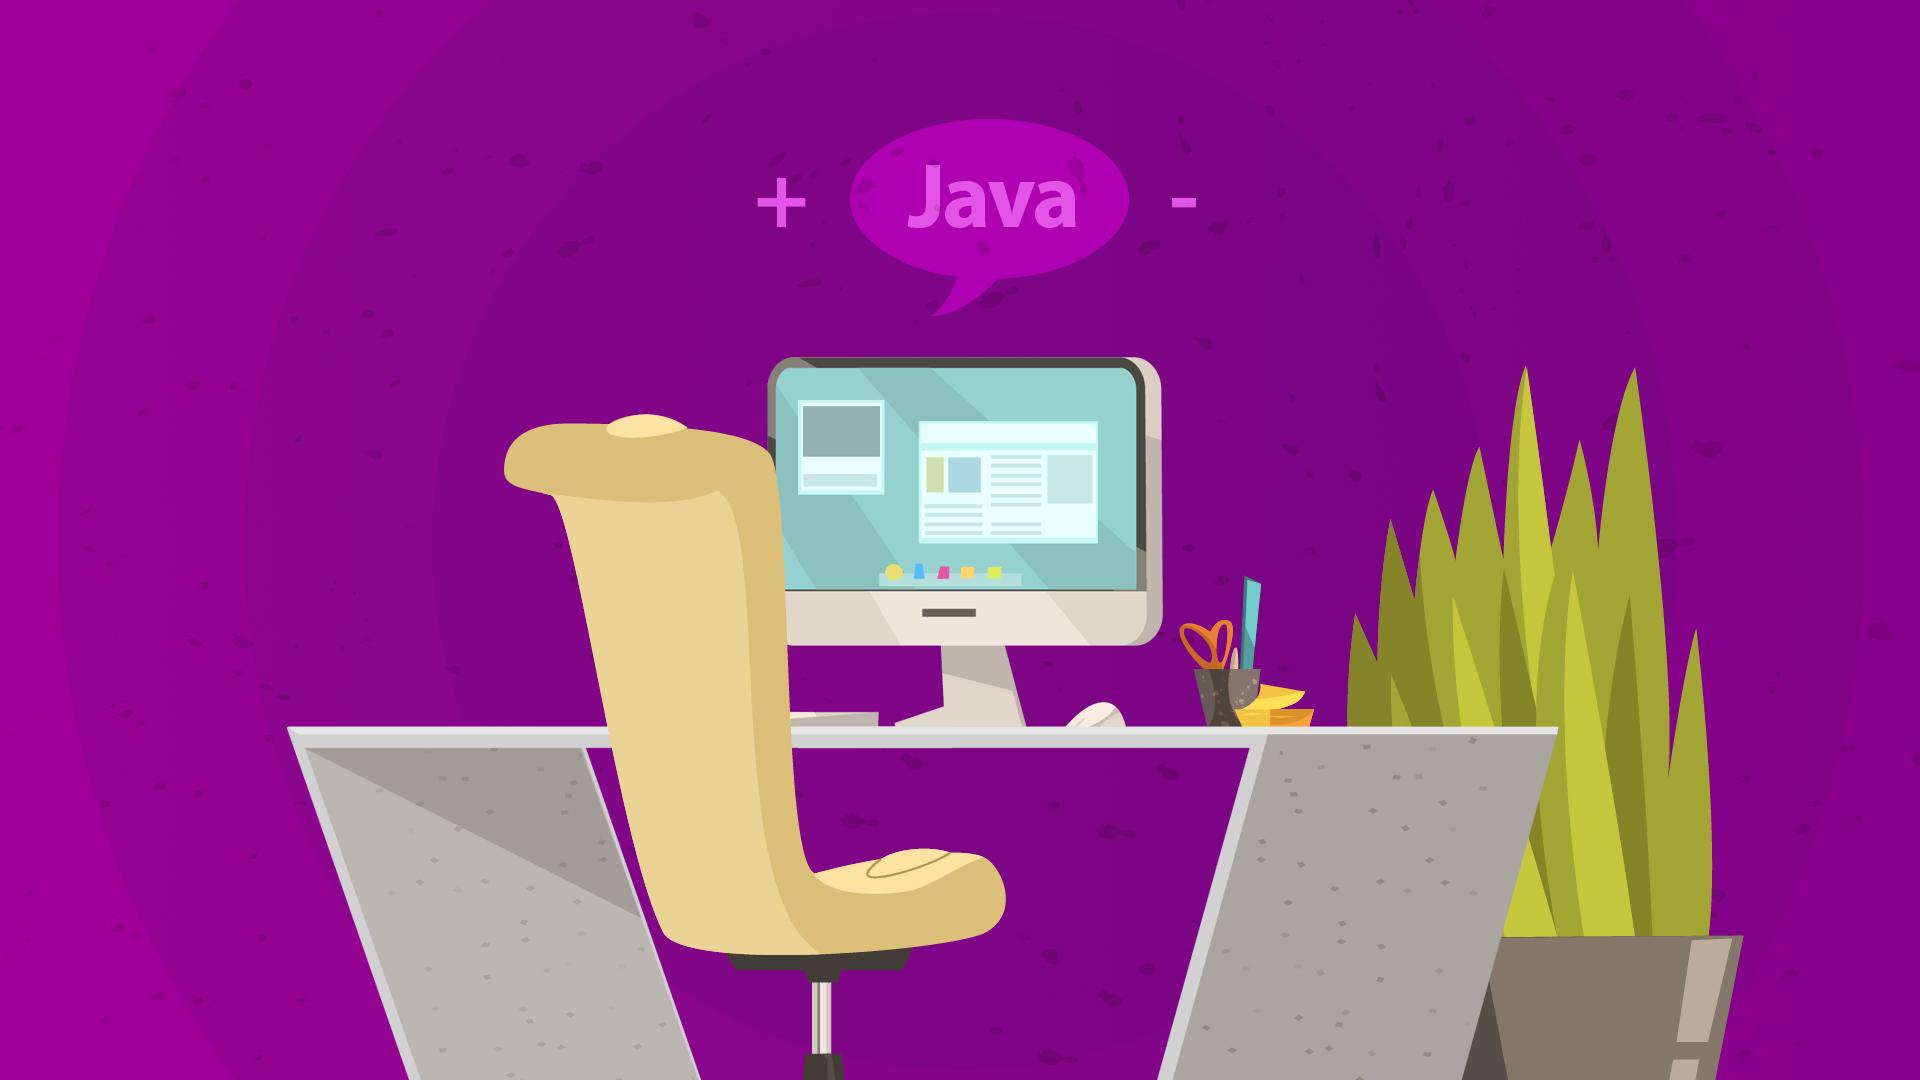 Вебинар Java для самых начинающих фото